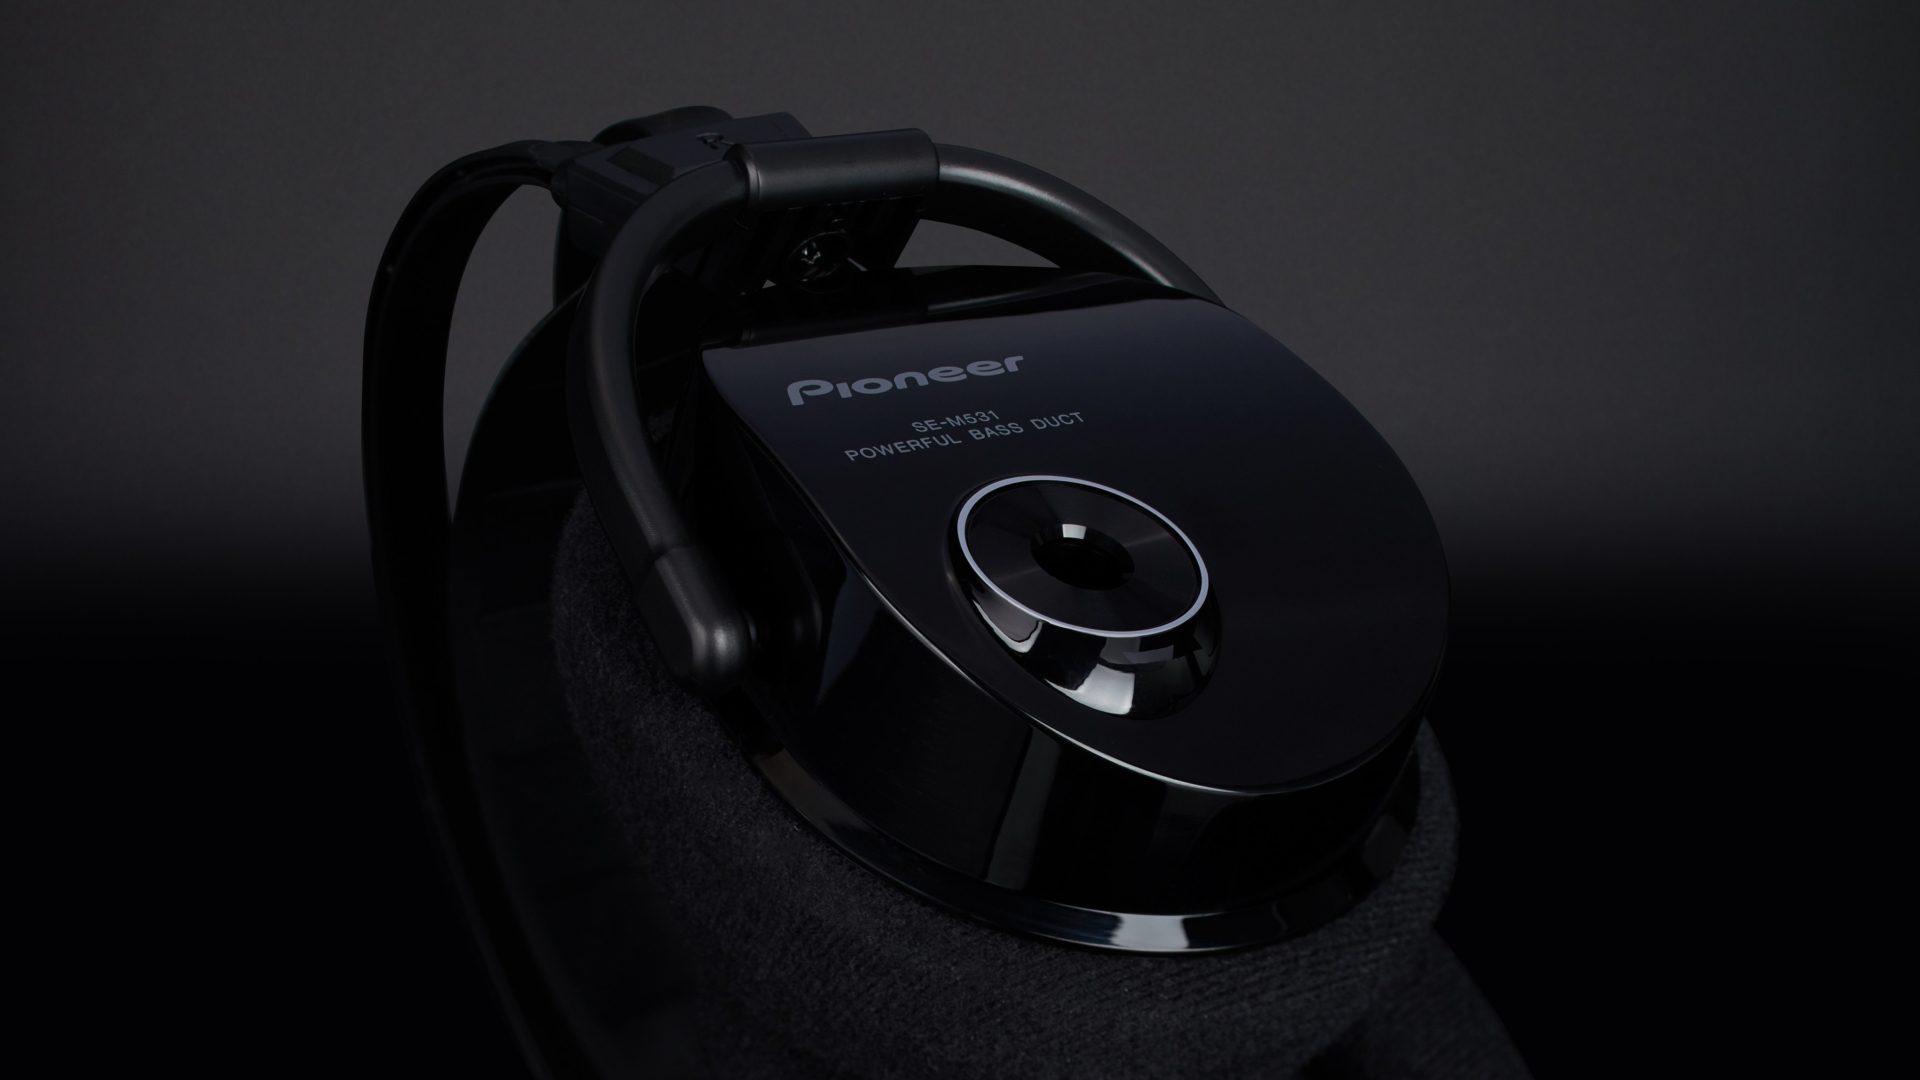 Pioneer SE-M531